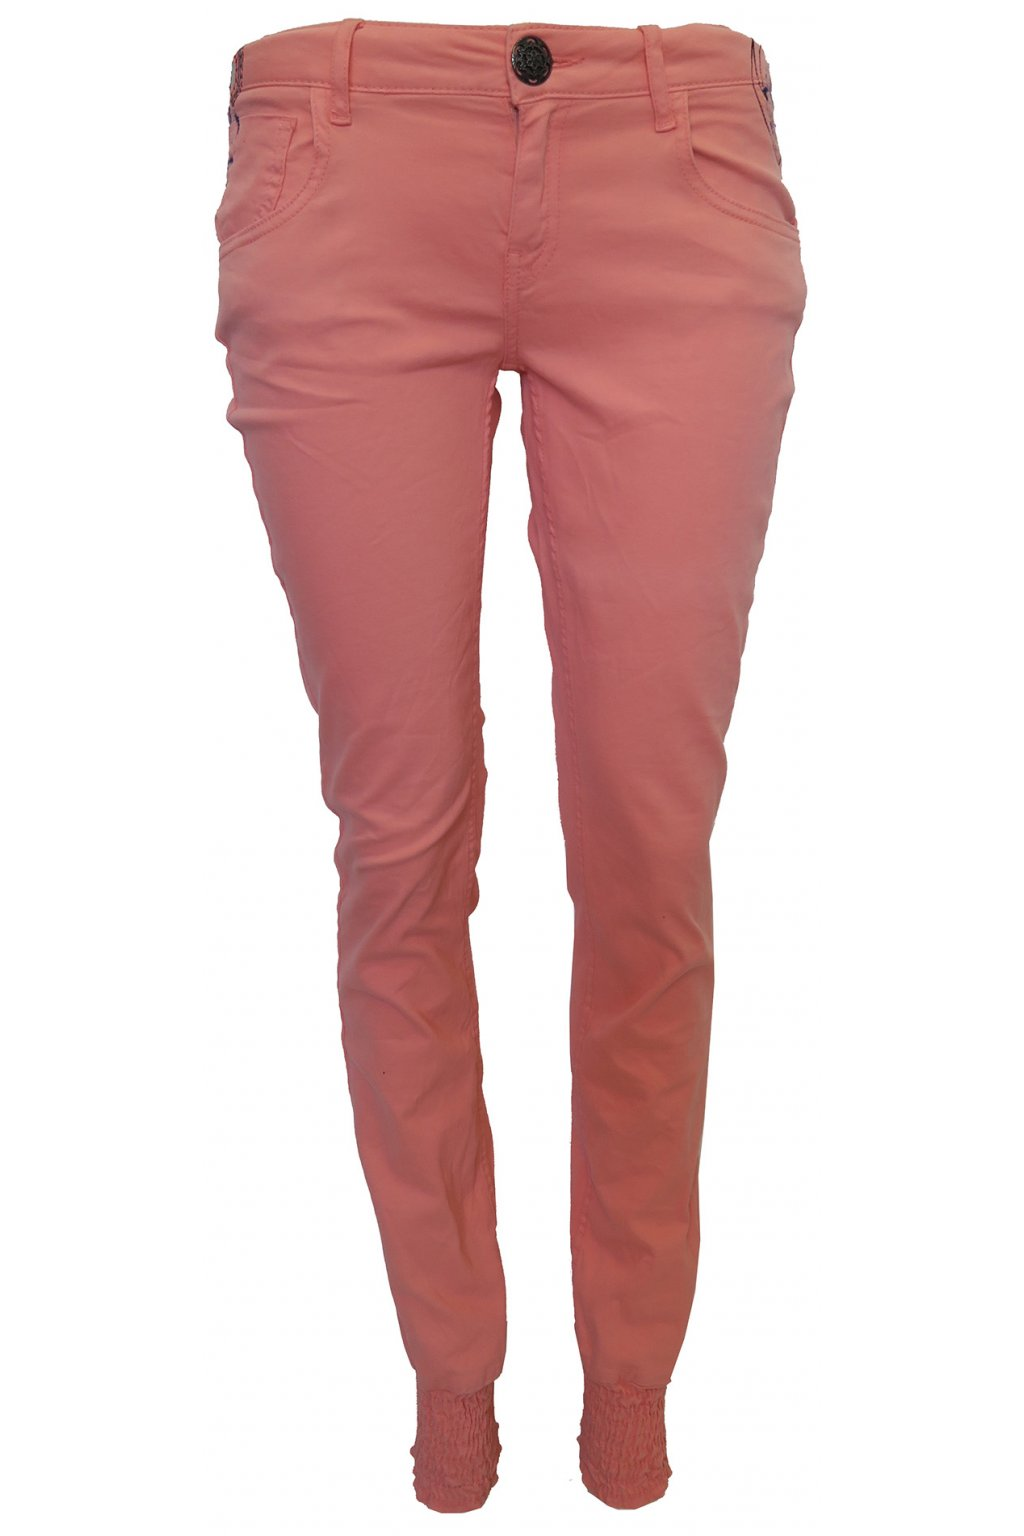 Desigual barevné kalhoty s výšivkou